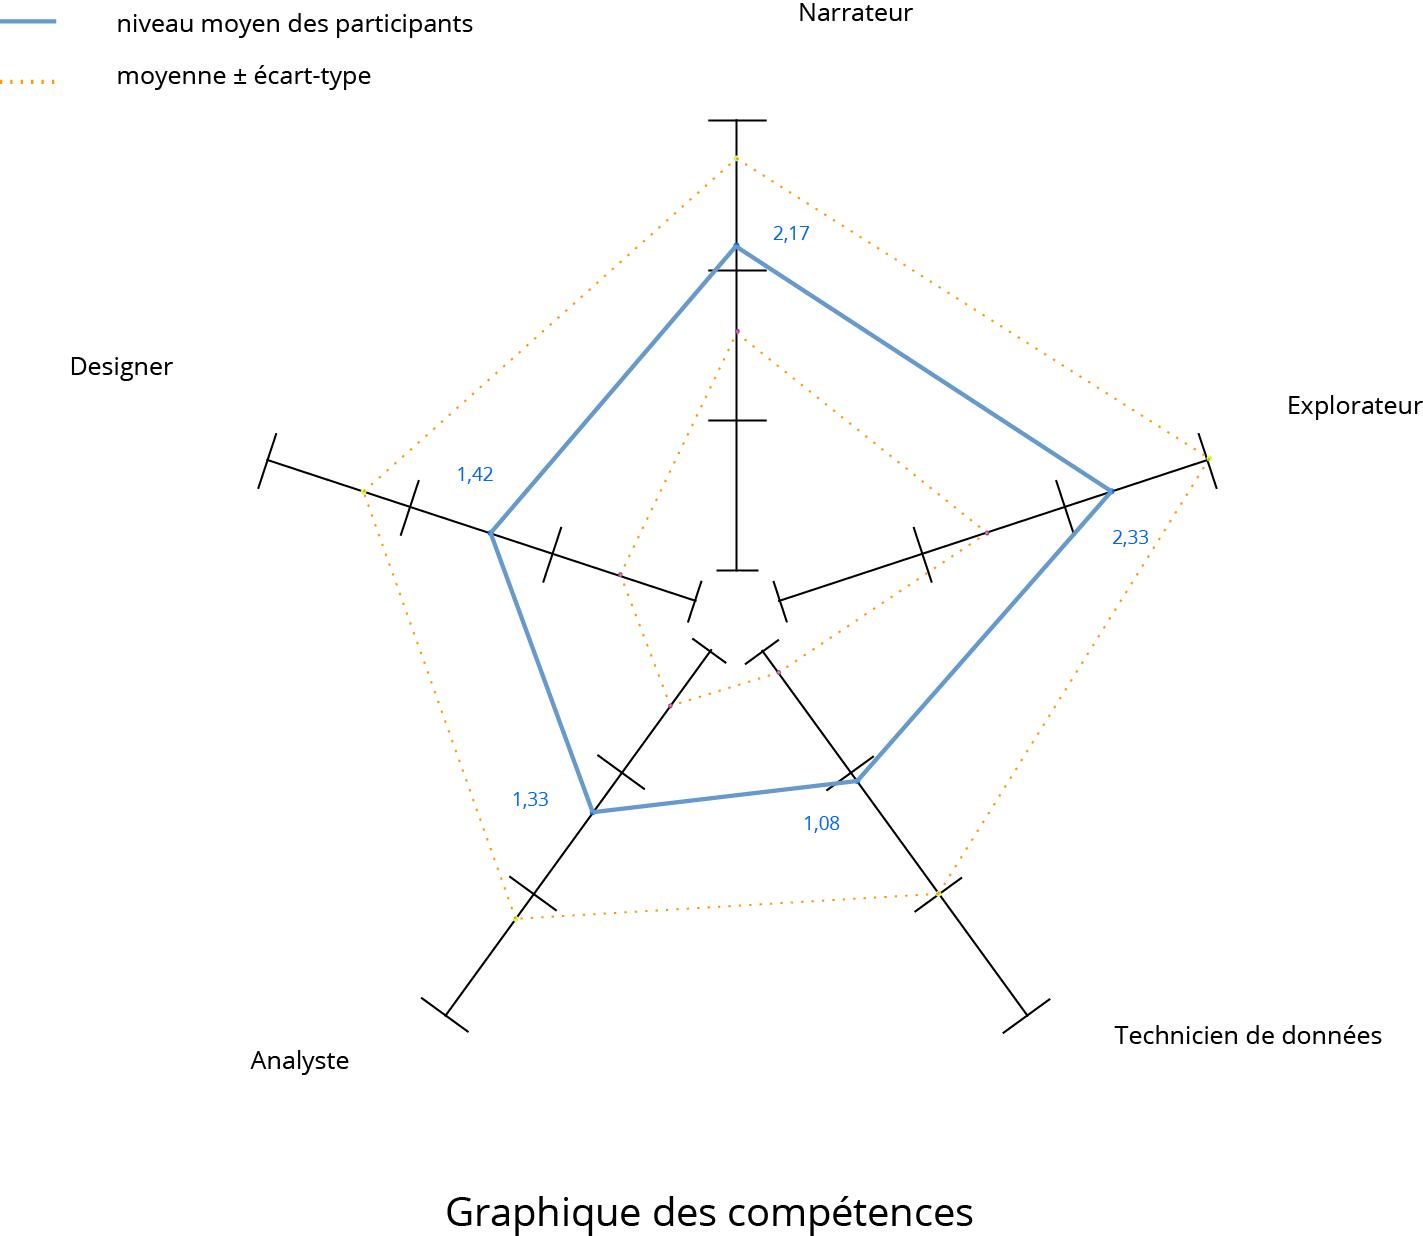 expedonnees_image_profils